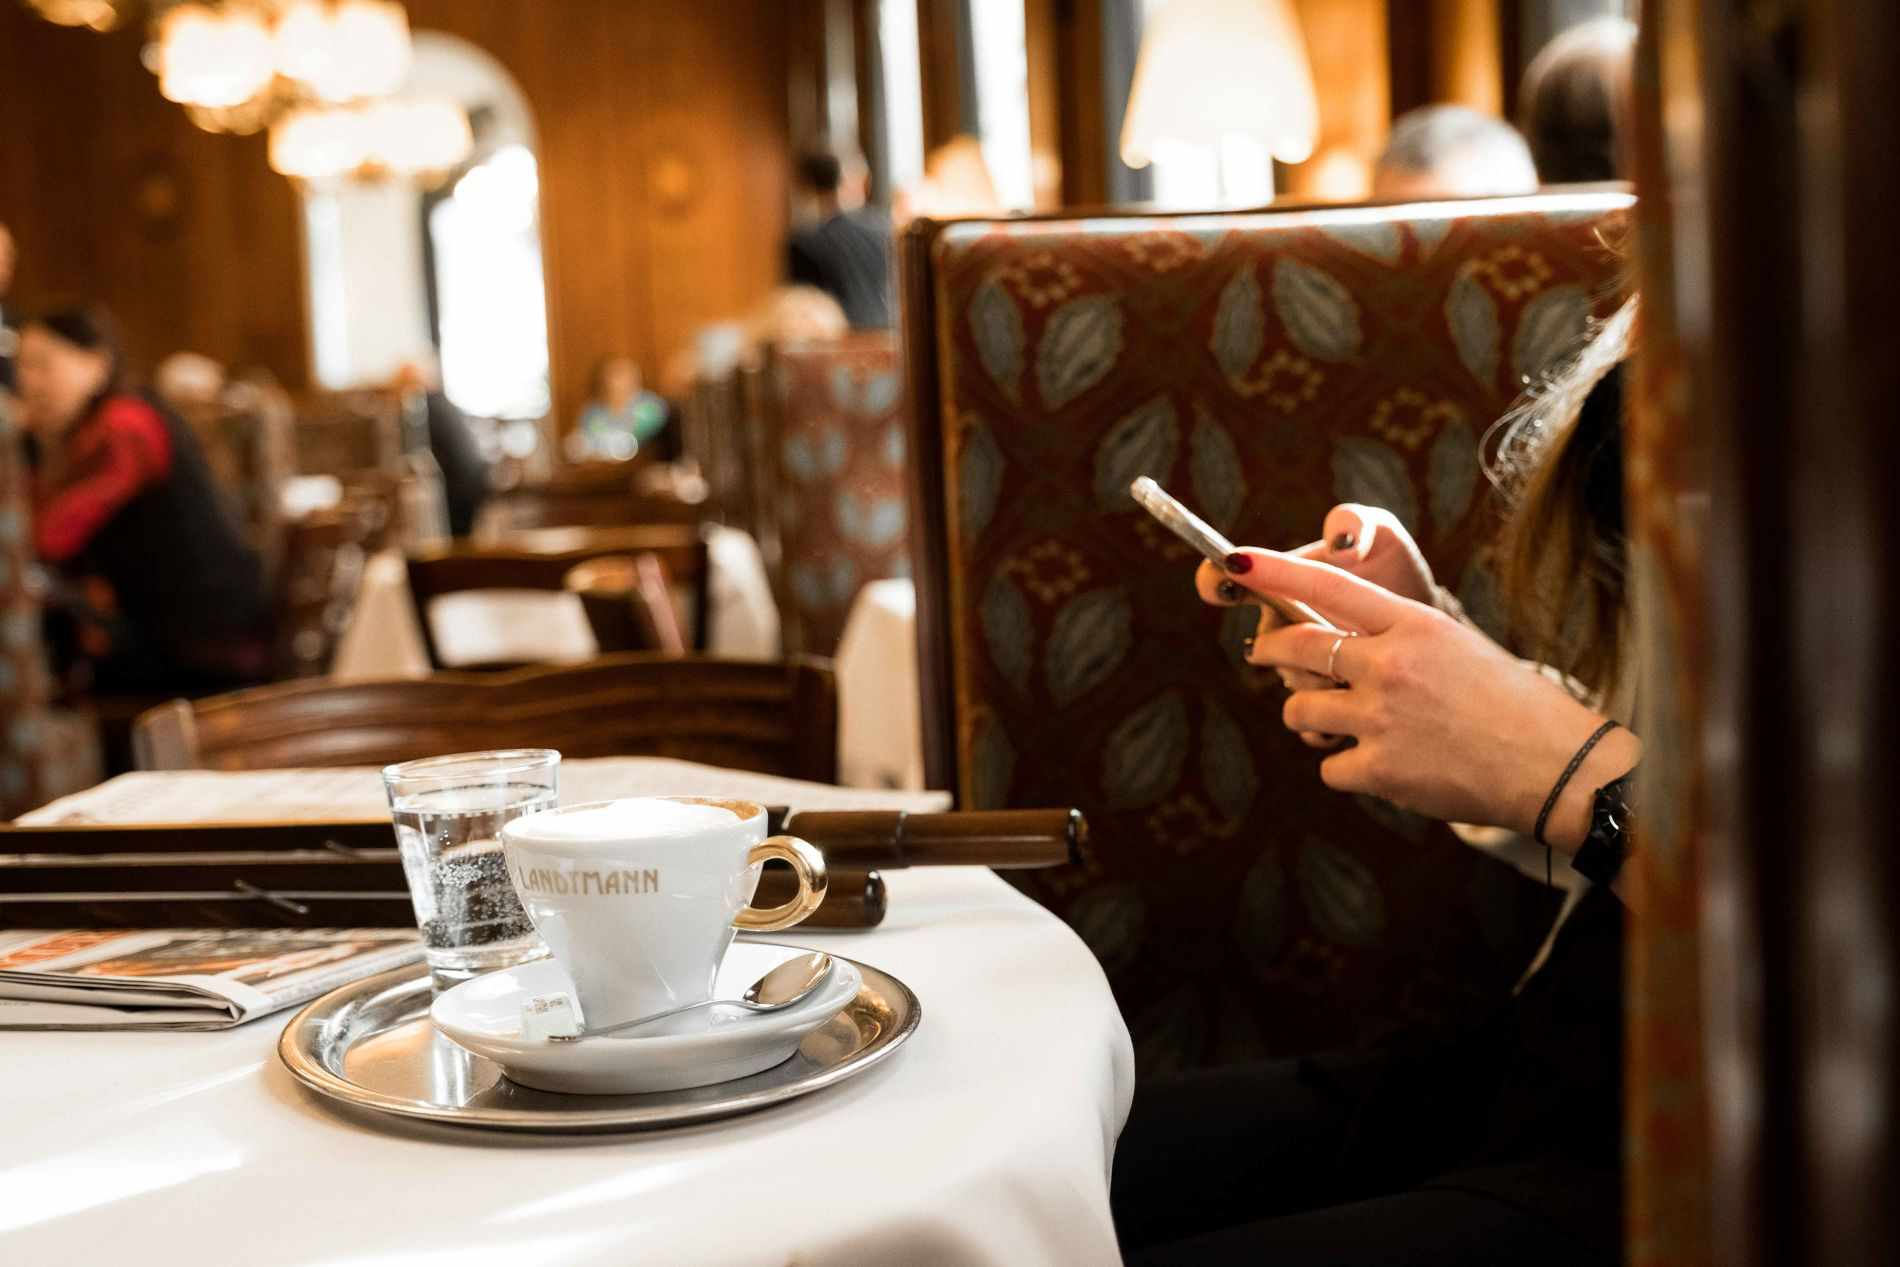 Coffee at Cafe Landtmann, Vienna